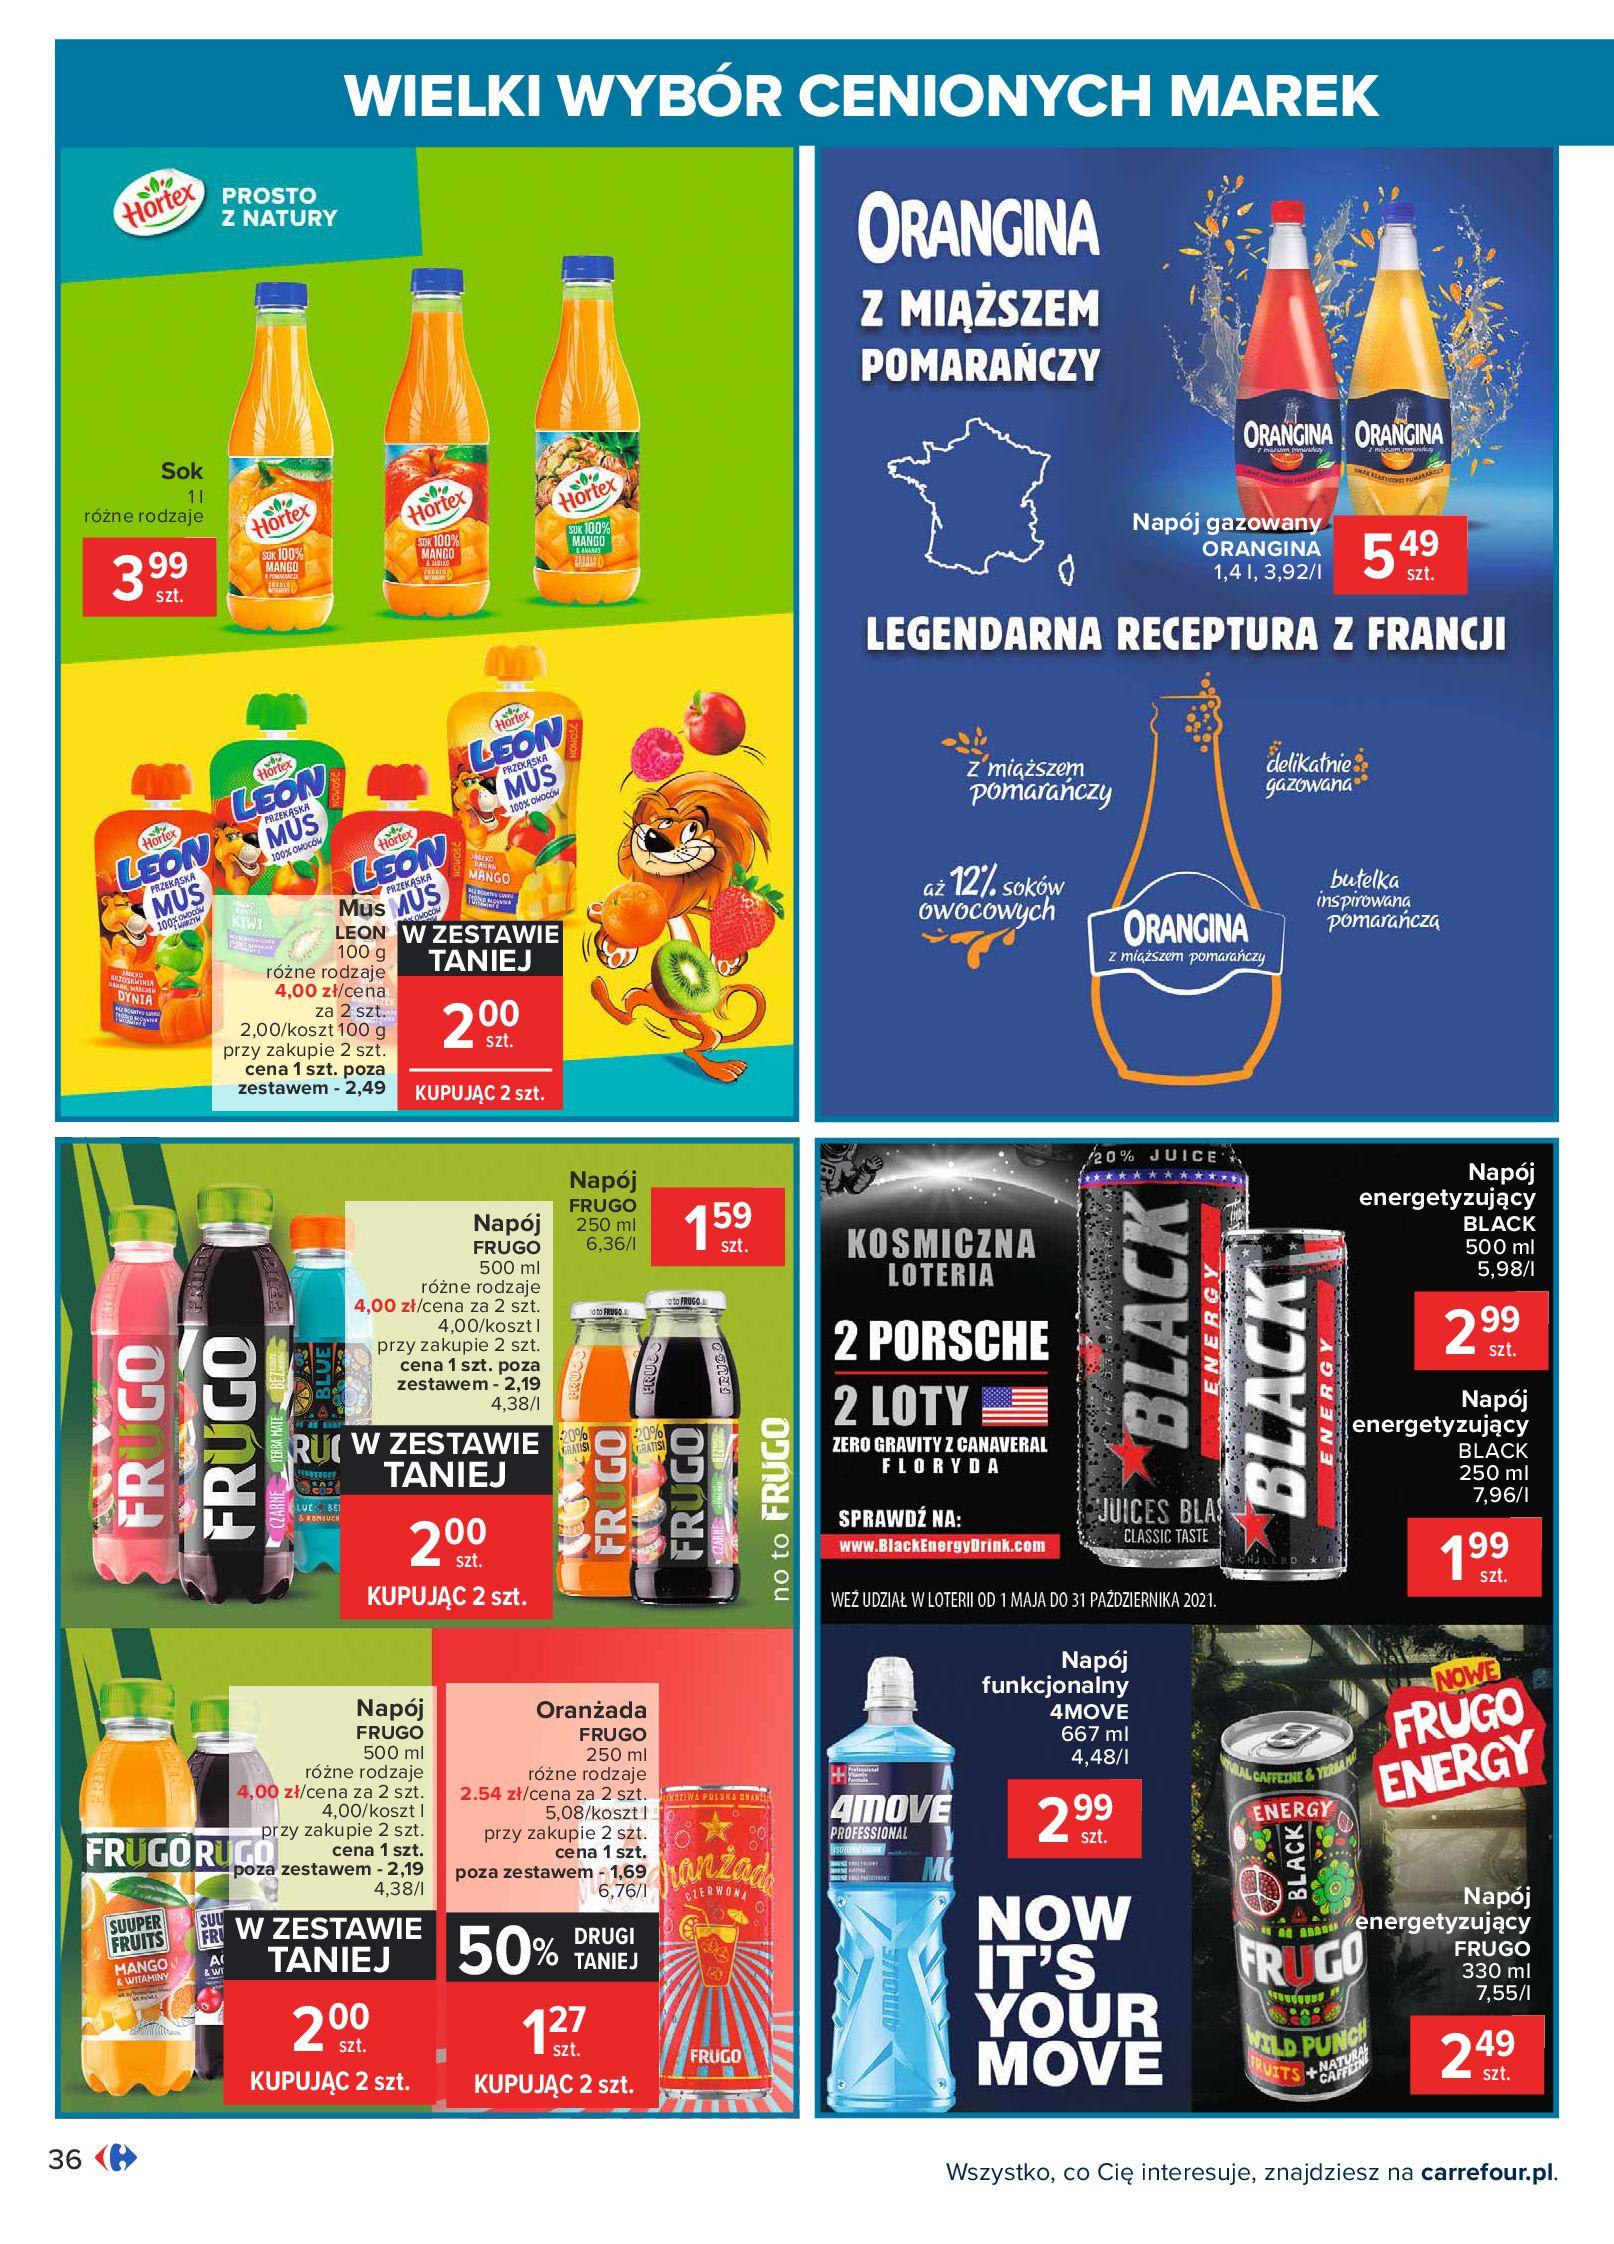 Gazetka Carrefour: Wielki wybór cenionych marek 2021-05-04 page-36